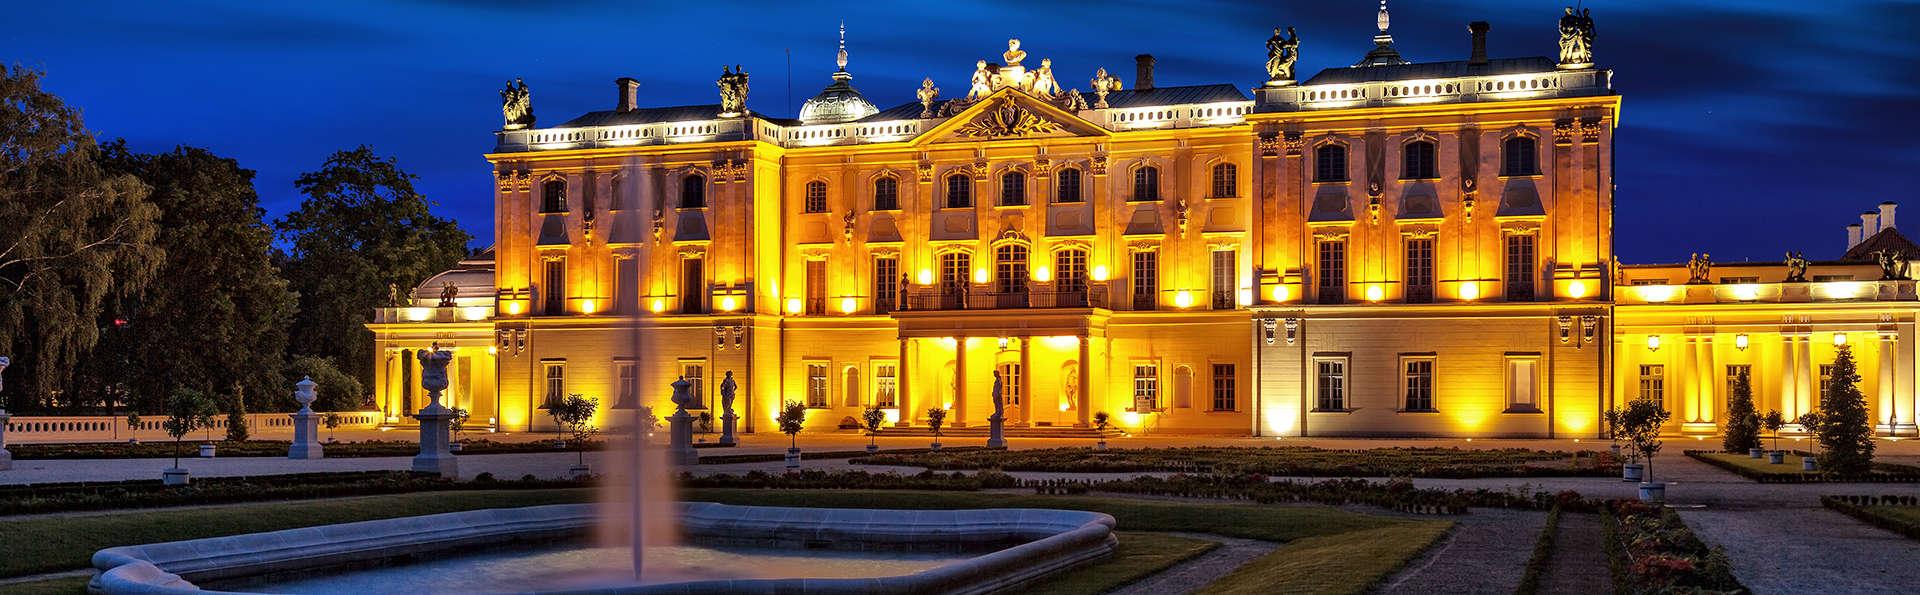 """Grand spectacle de son et lumière """"Les Grandes Eaux Noctures"""" et séjour 3* près à Versailles"""